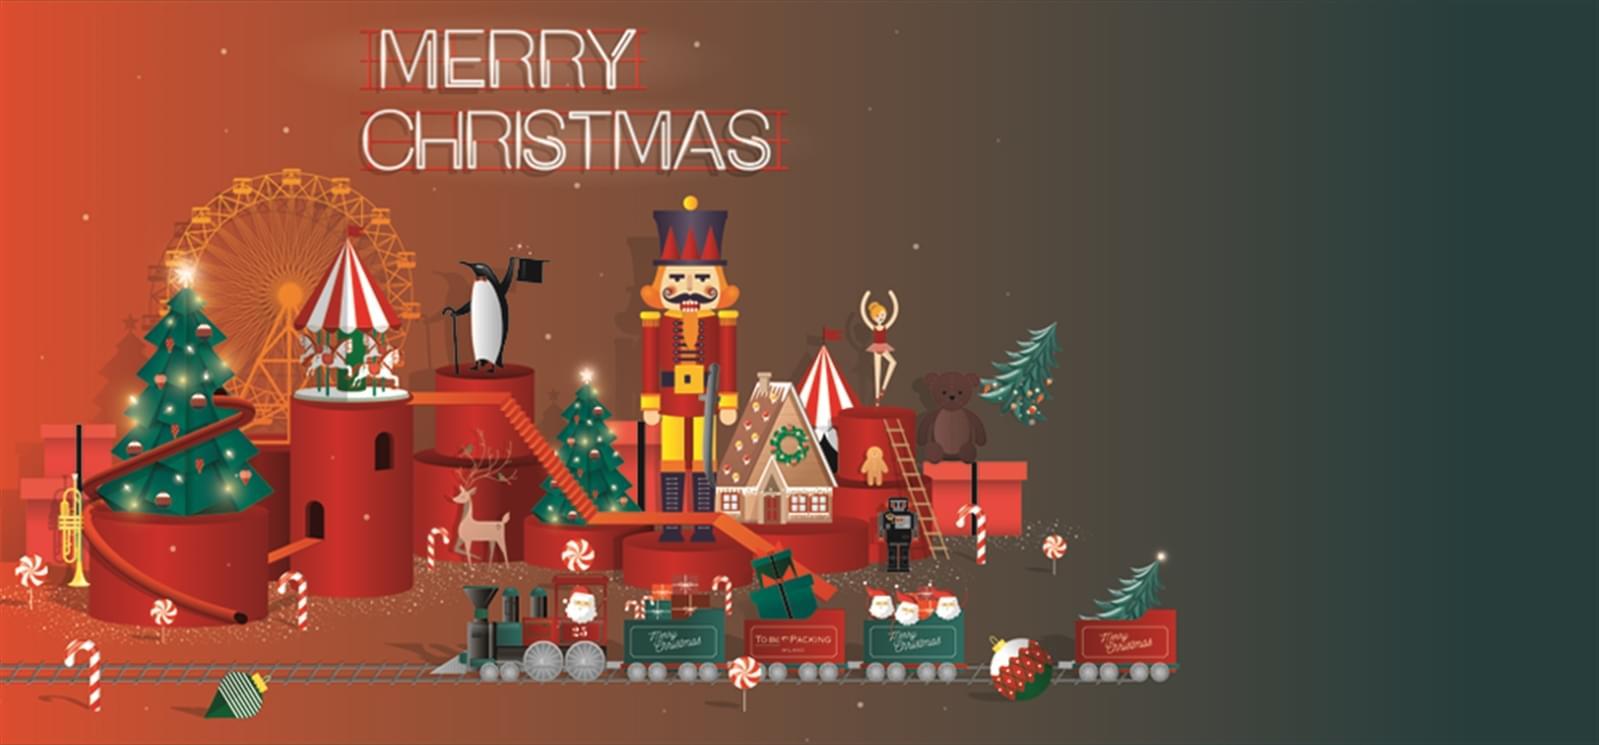 sfondo sito merry christmas giusto